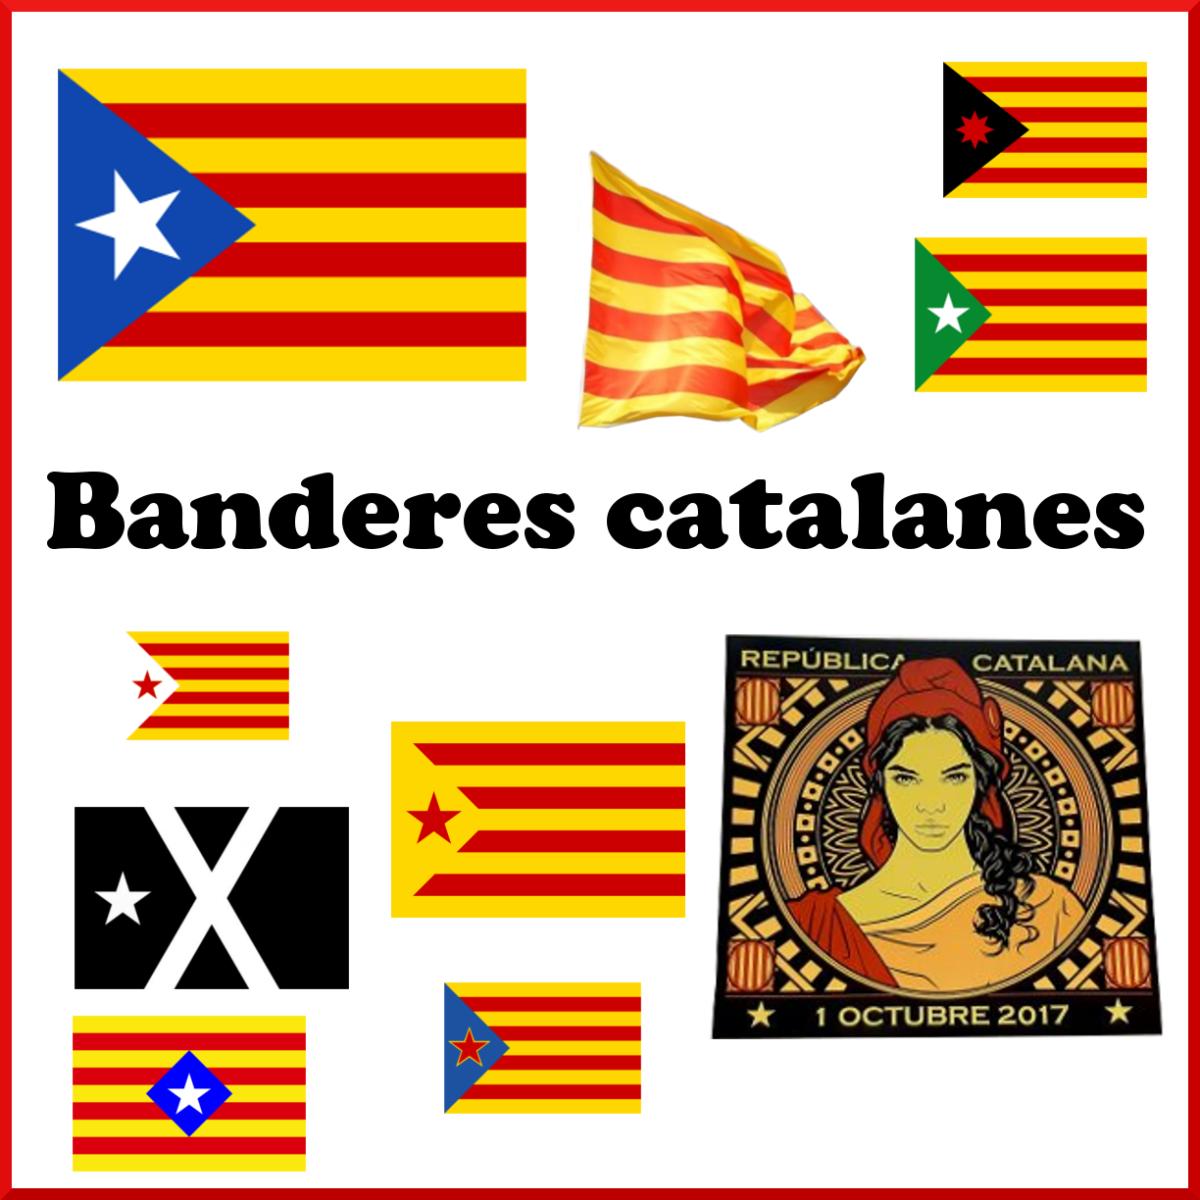 Banderes catalanes